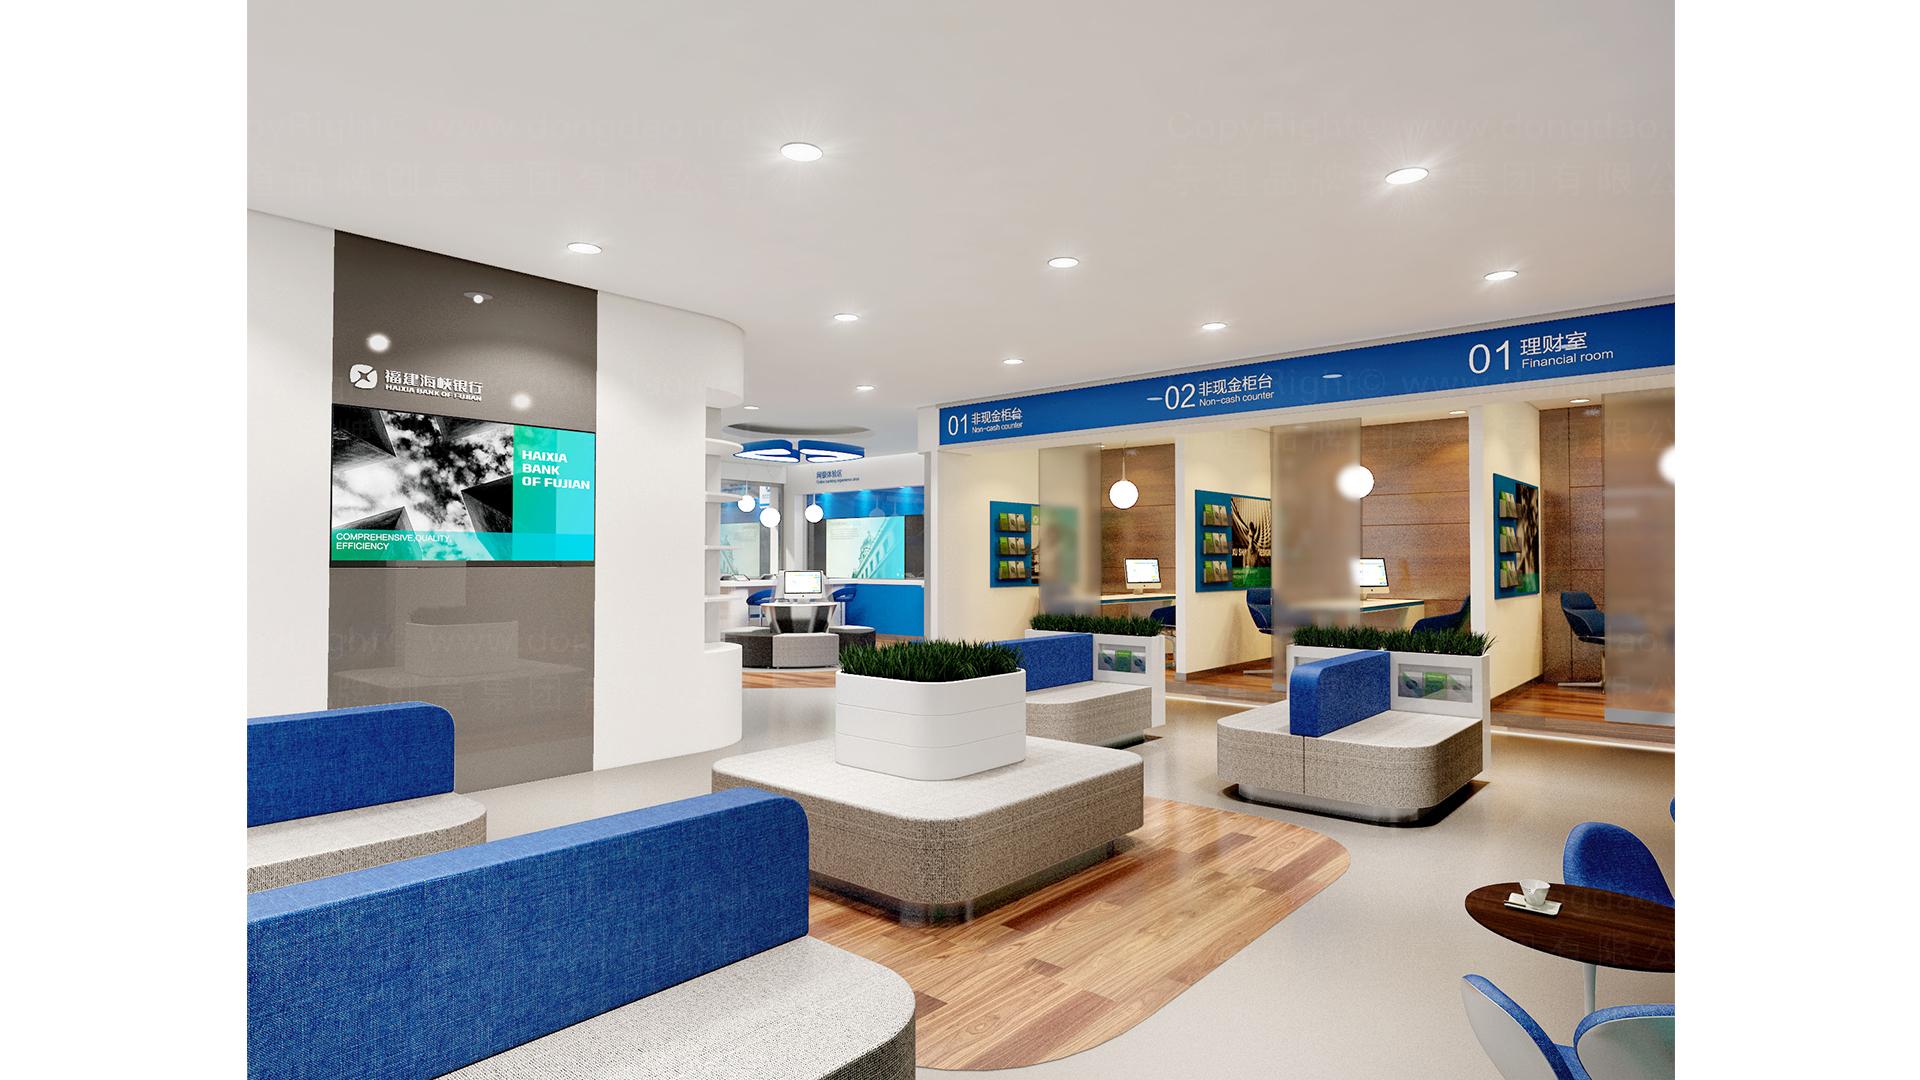 海峡银行银行网点SI设计应用场景_2